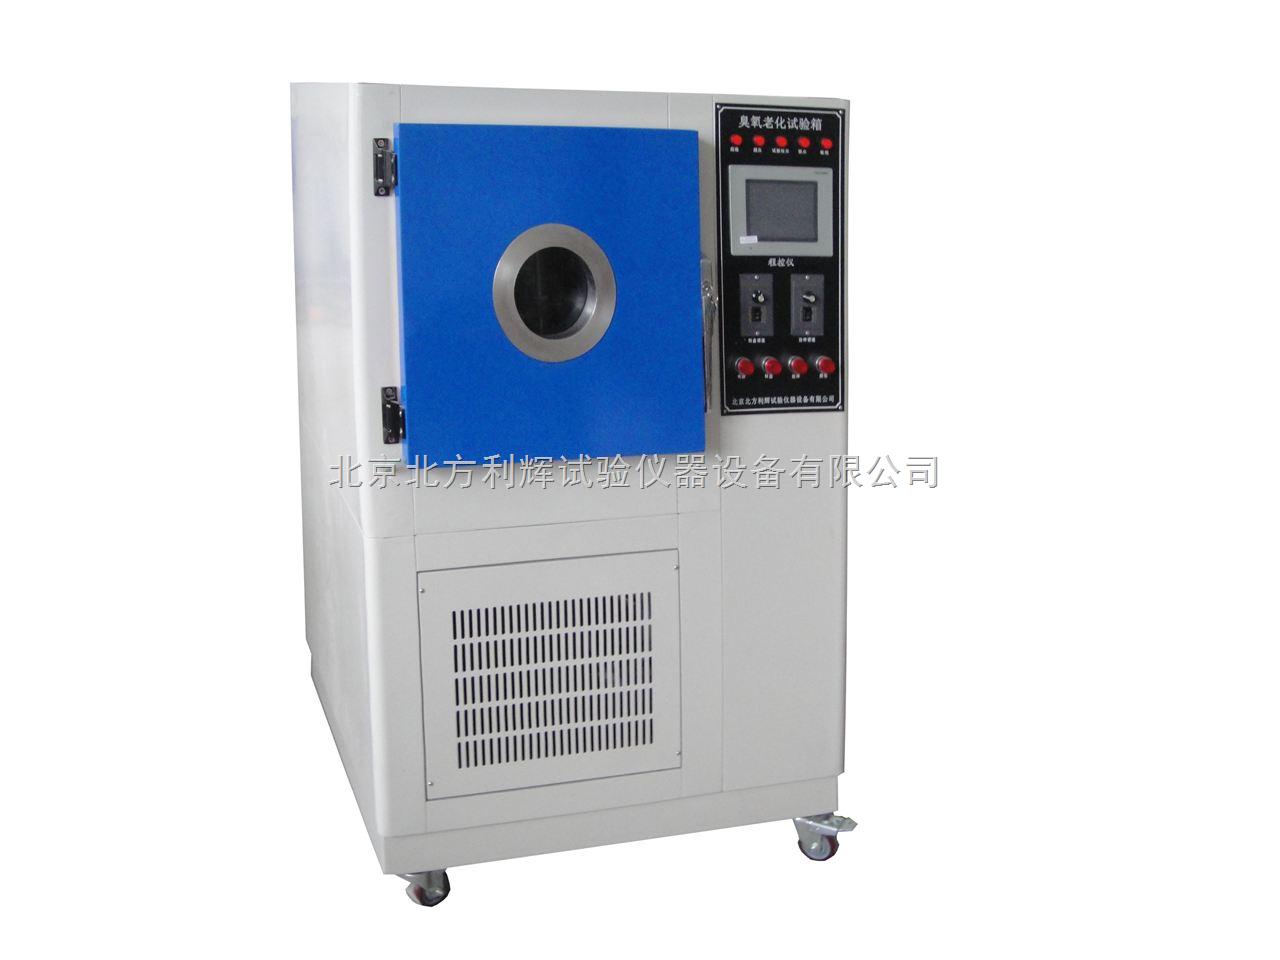 QL-225橡胶耐臭氧老化箱